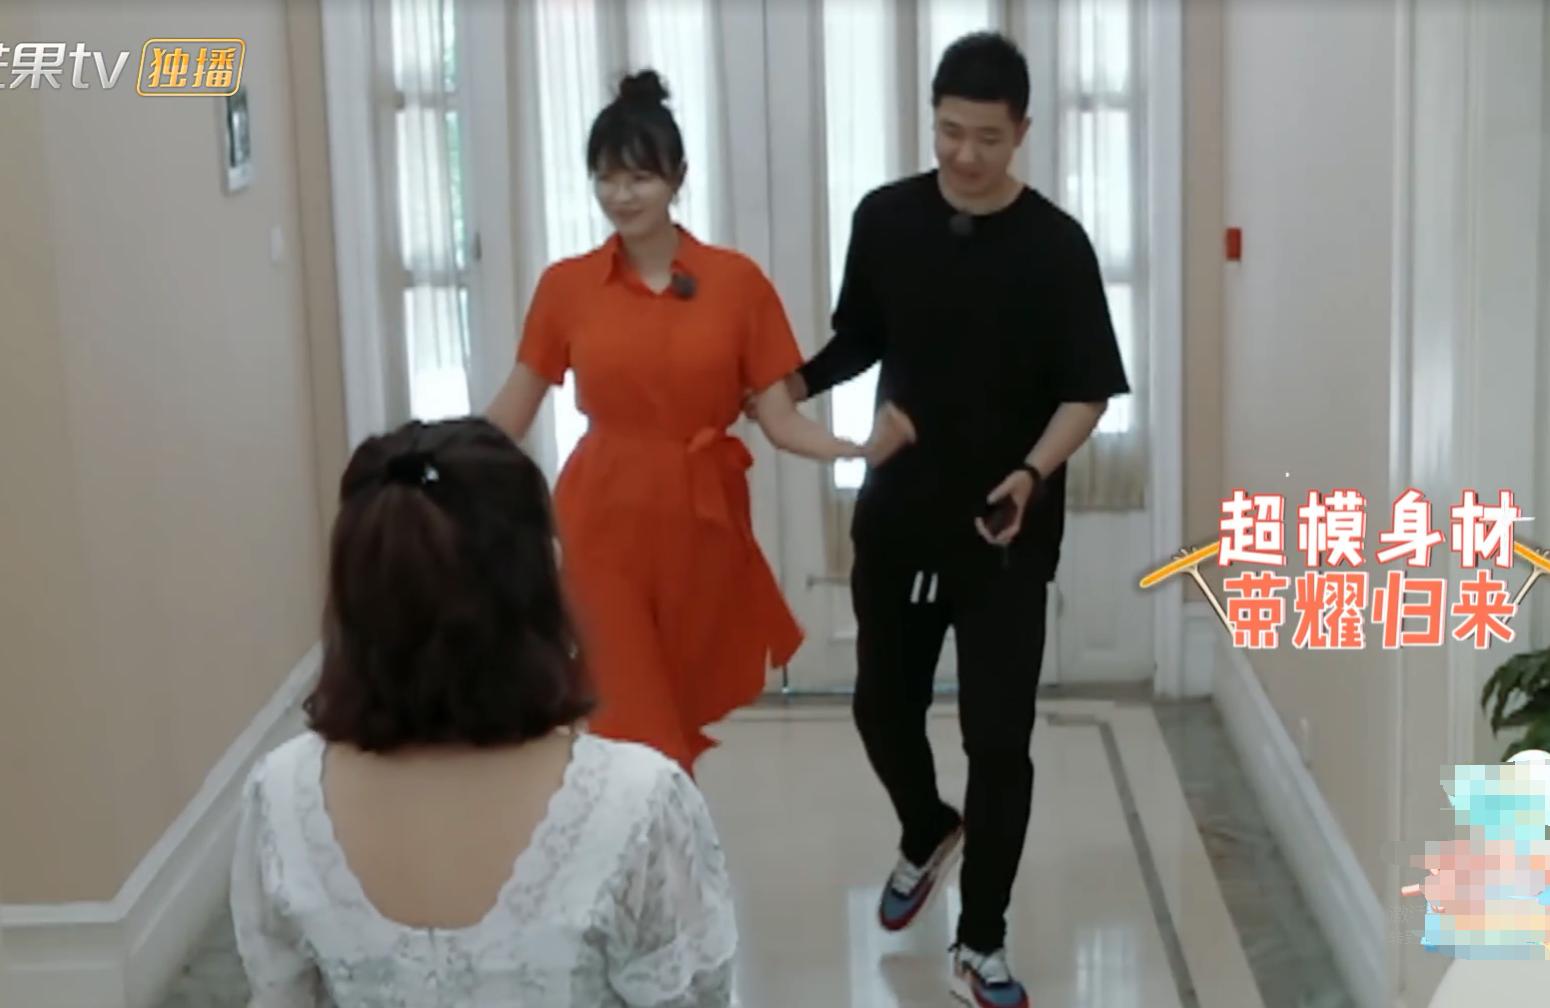 40岁李艾产后再次回归节目,超模身材完美亮相,网友要抓狂了!